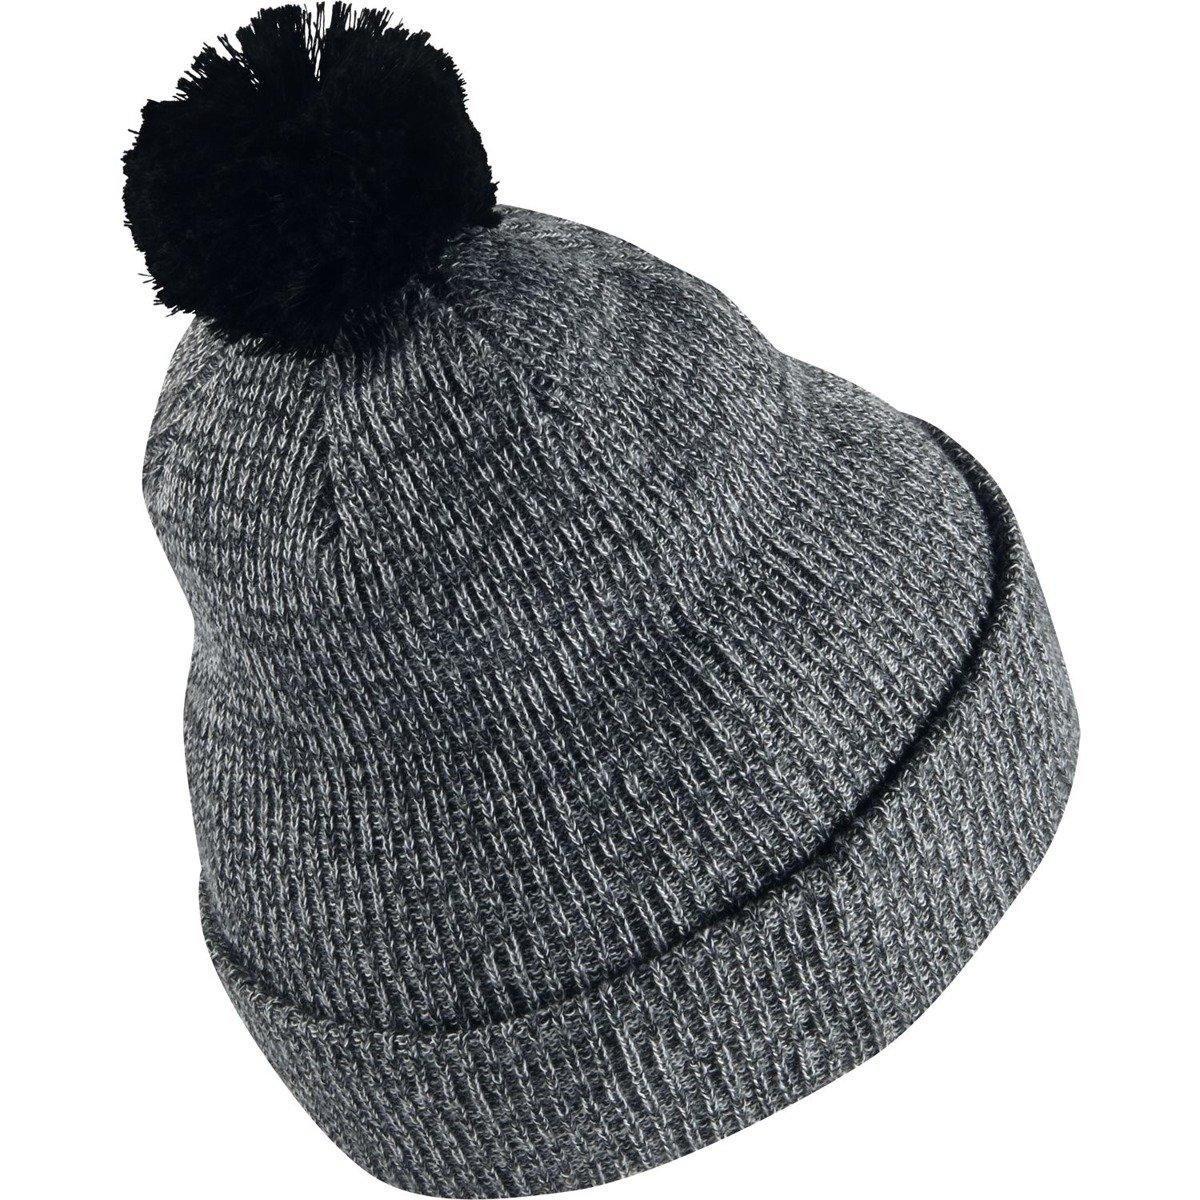 outlet store dcc8b 97f5f ... czapka nike sb 2-in-1 pom knit hat black Kliknij, aby powiększyć